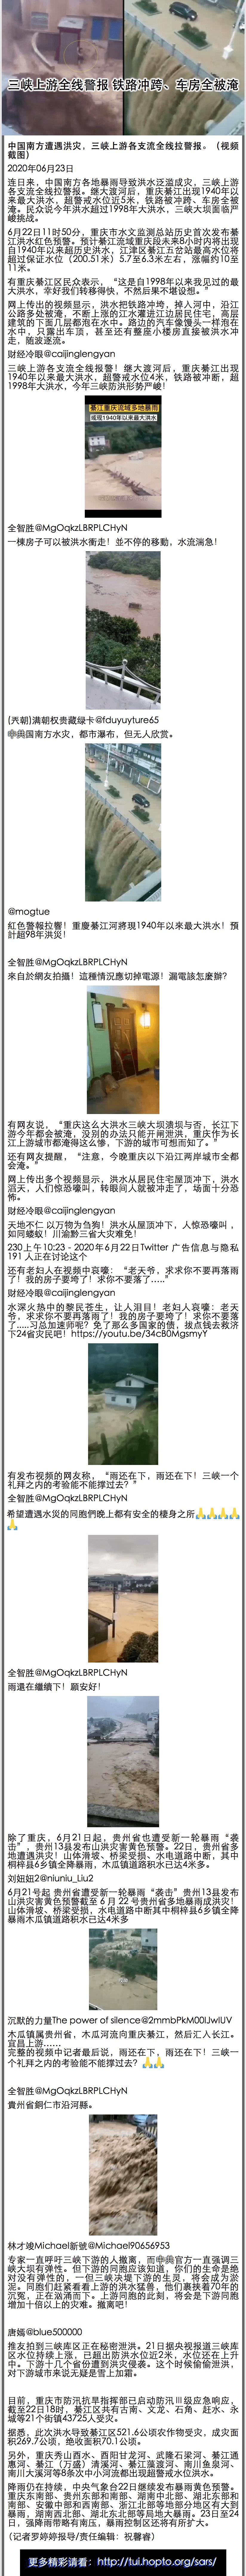 三峡上游全线警报 铁路冲跨、车房全被淹